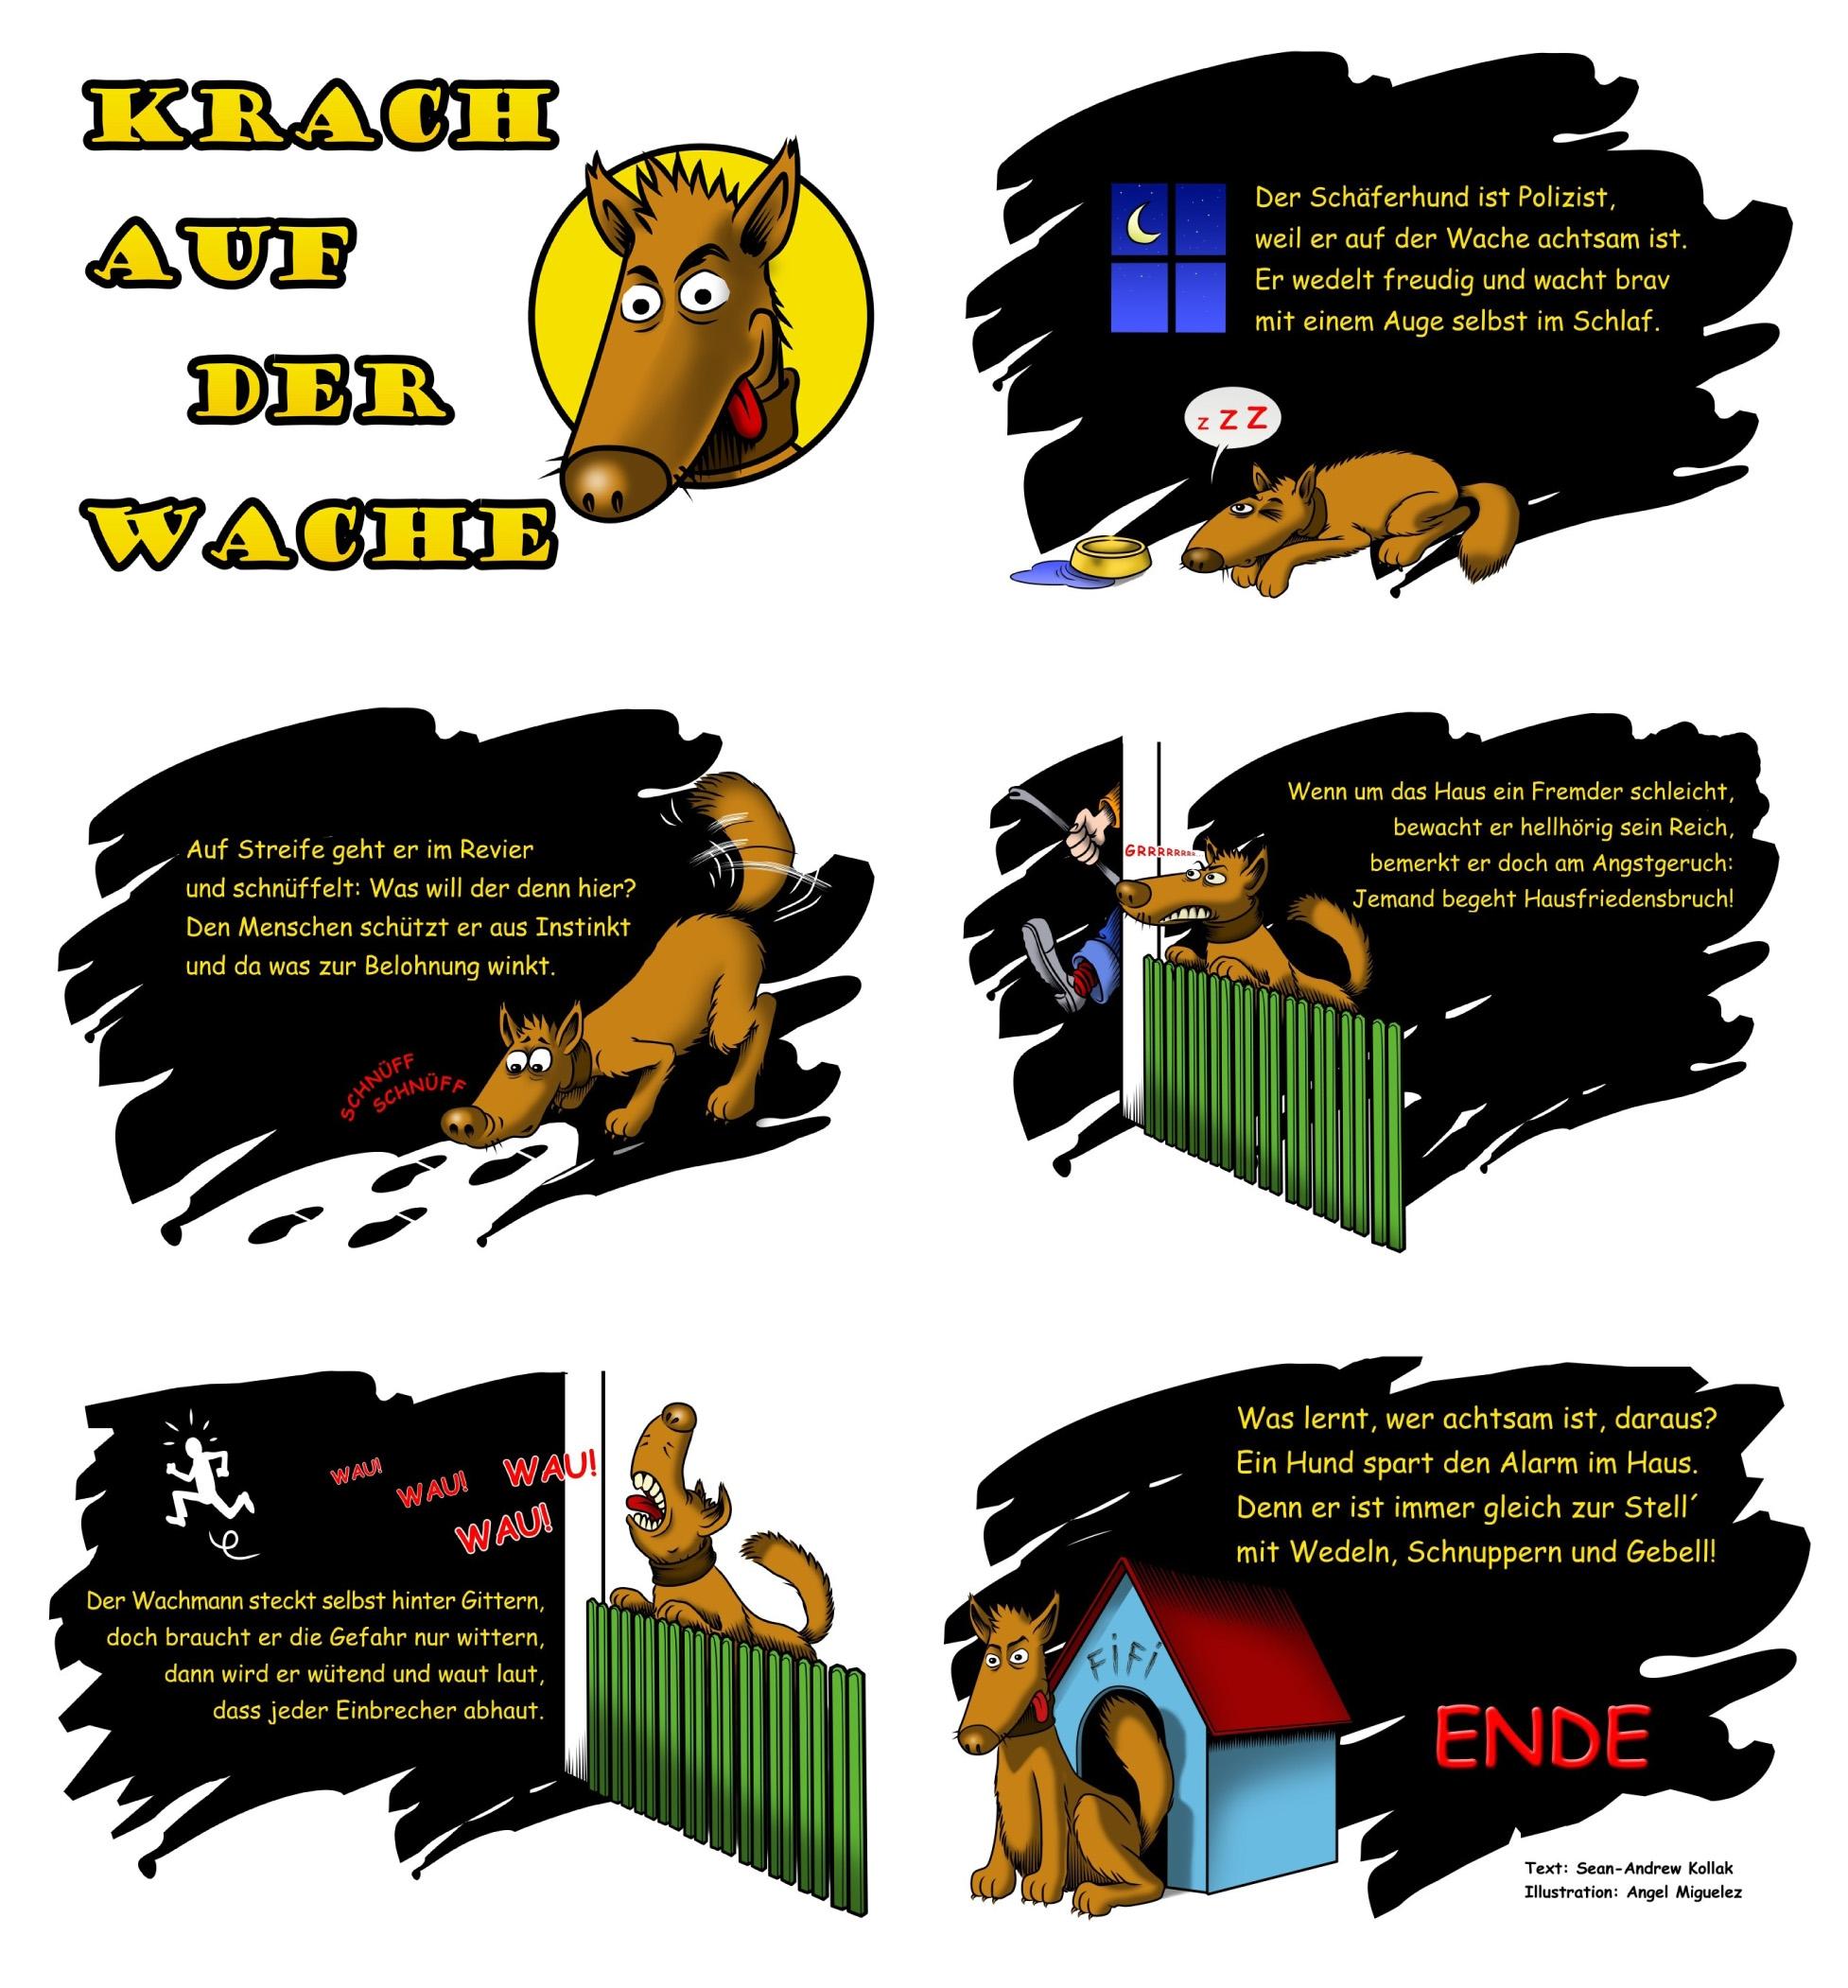 Comic-Strip Wachhund komplett